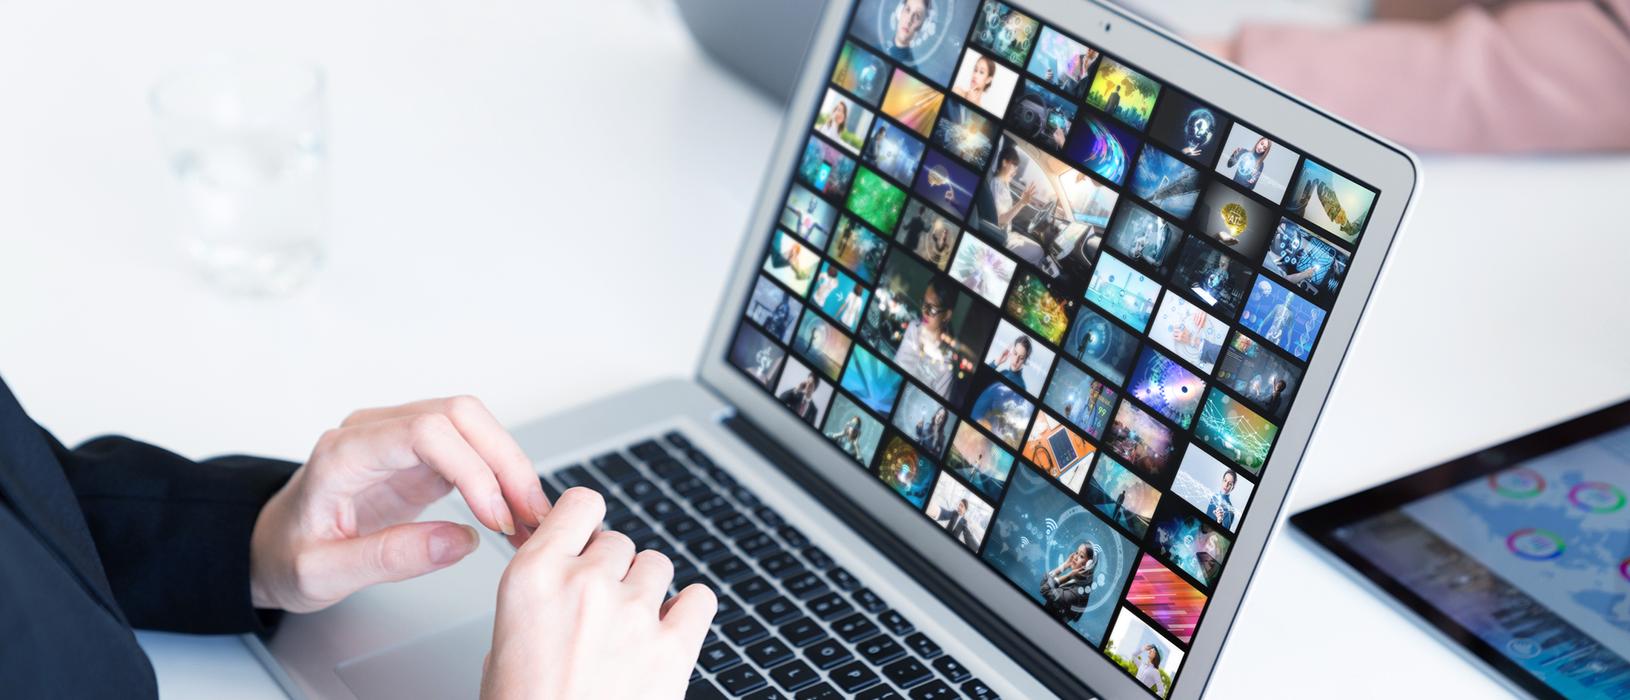 Nutzen Sie effektives Videomarketing, um Ihre Zielgruppe auf unterschiedlichen Kanälen zu erreichen. Bild: istock